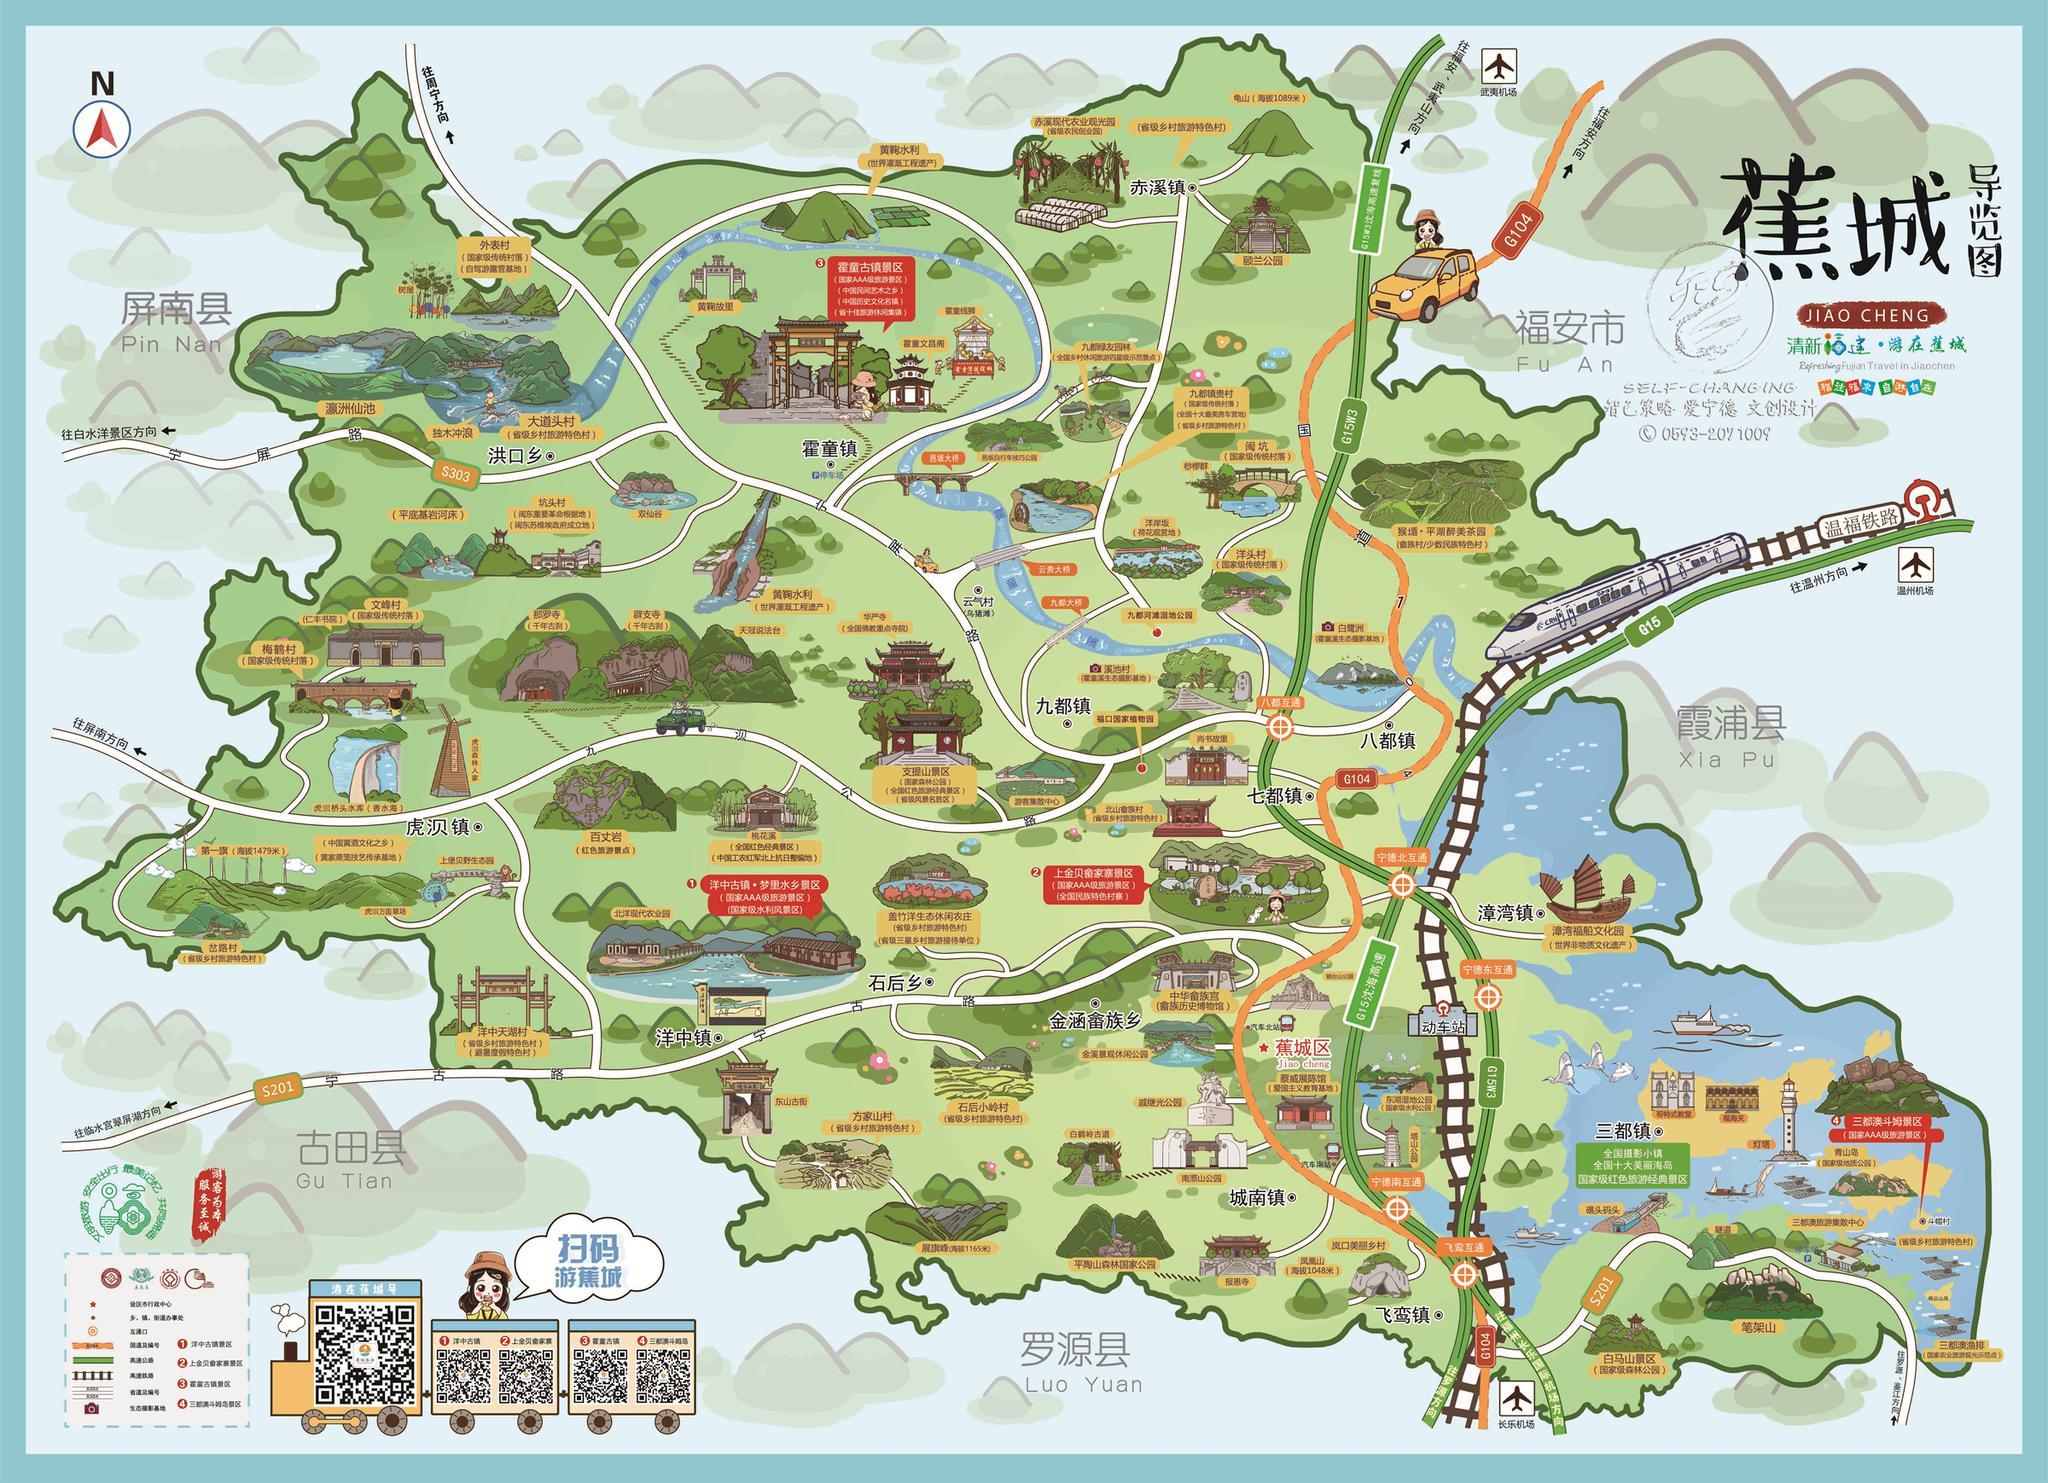 【蕉城手绘地图正面】